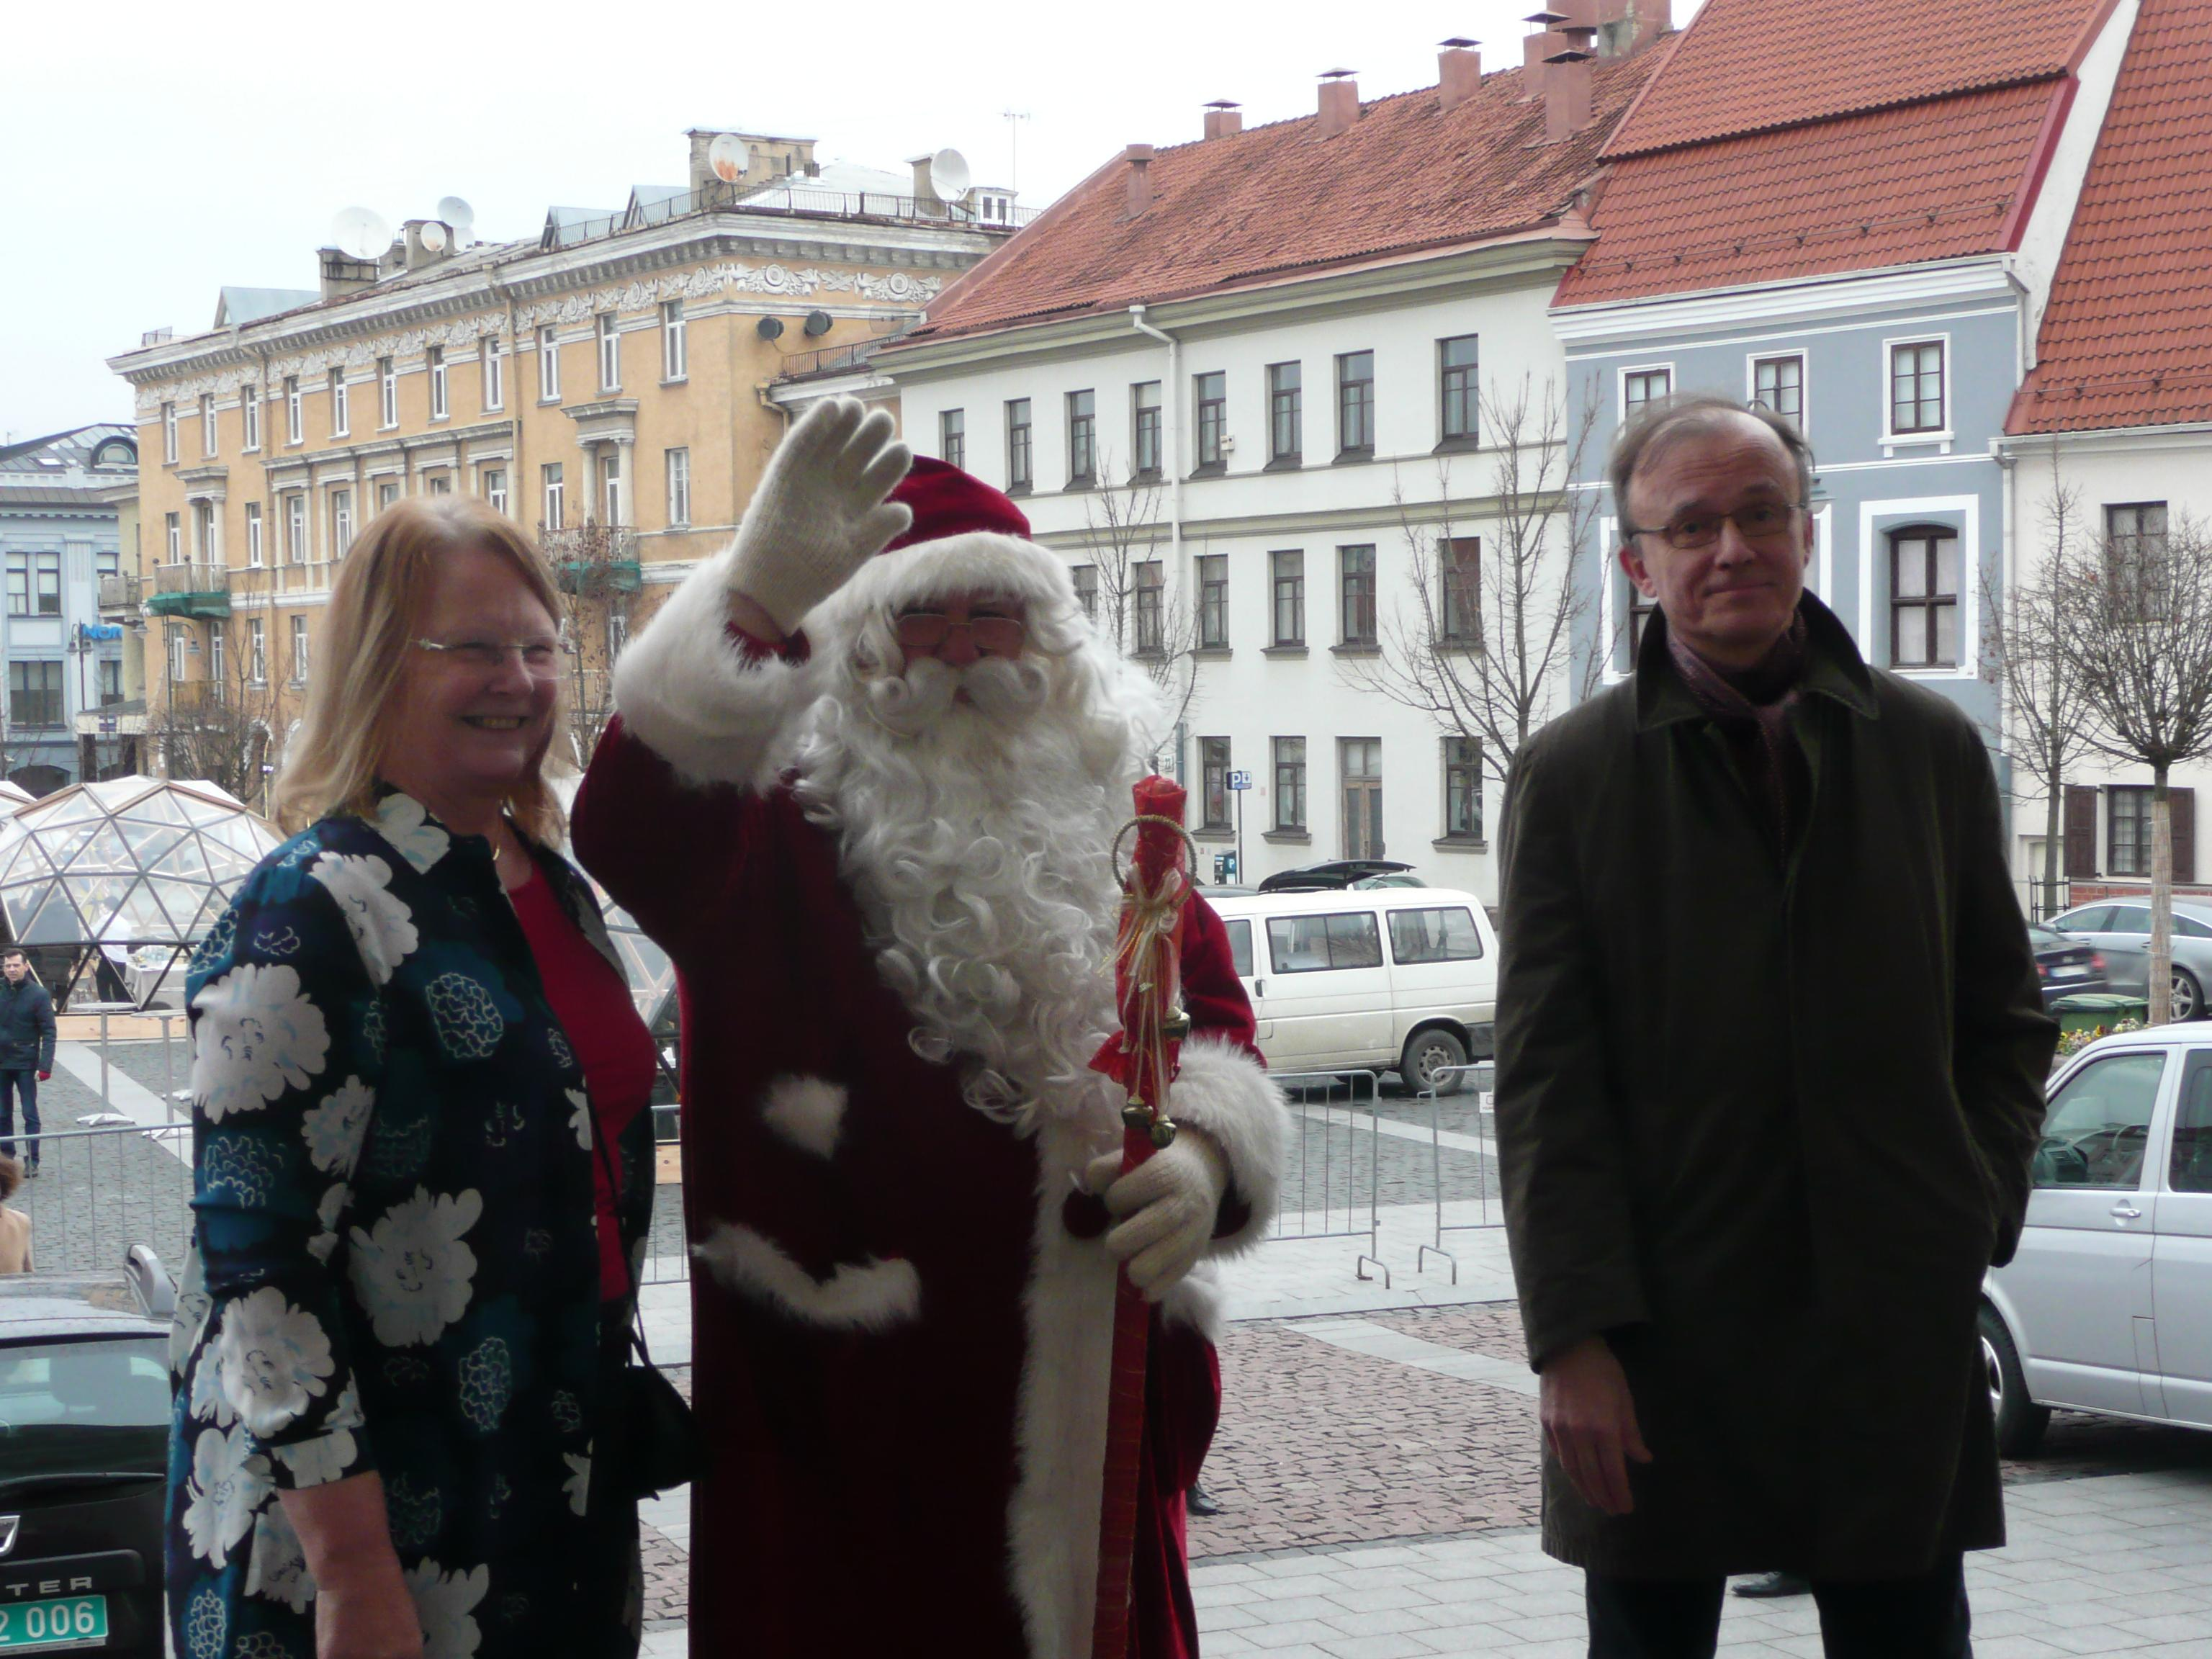 Финляндия сегодня отмечает 100-летие независимости